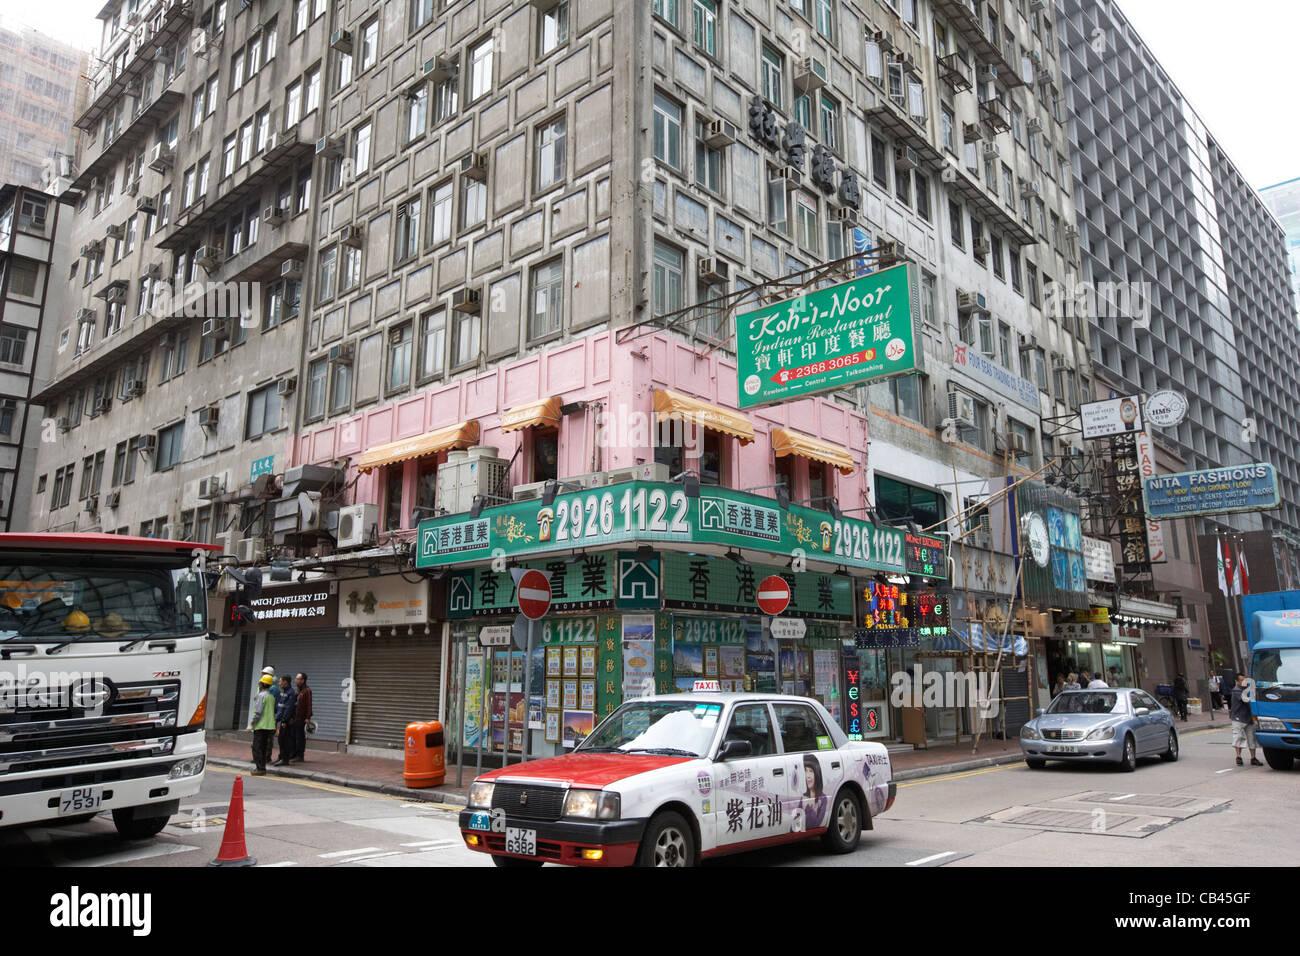 2nd floor indian restaurant above shops at the rear of chungking mansions tsim sha tsui kowloon hong kong hksar - Stock Image